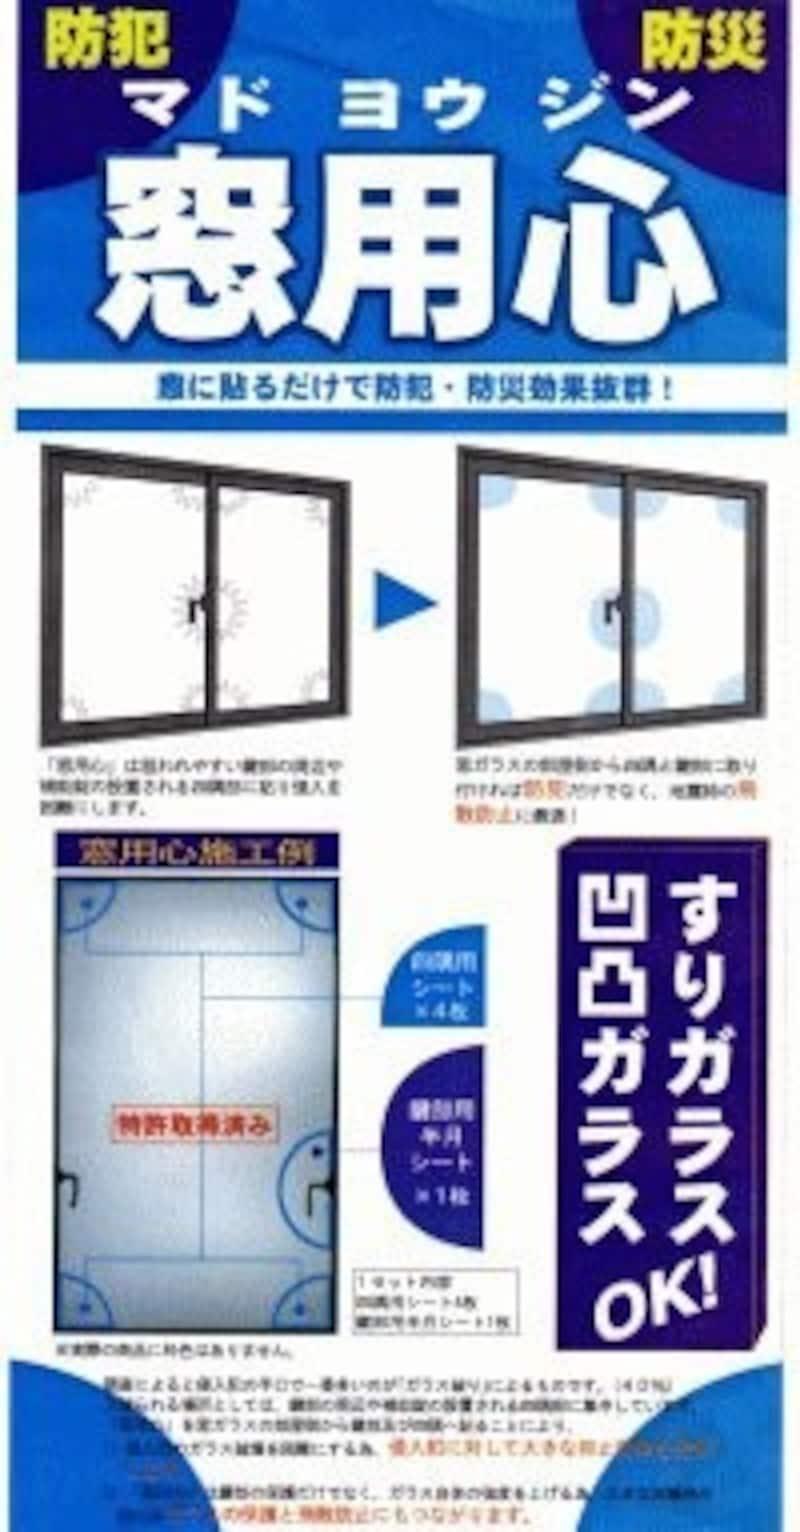 株式会社エヌ・アイ・ピー,窓用心,MY-00